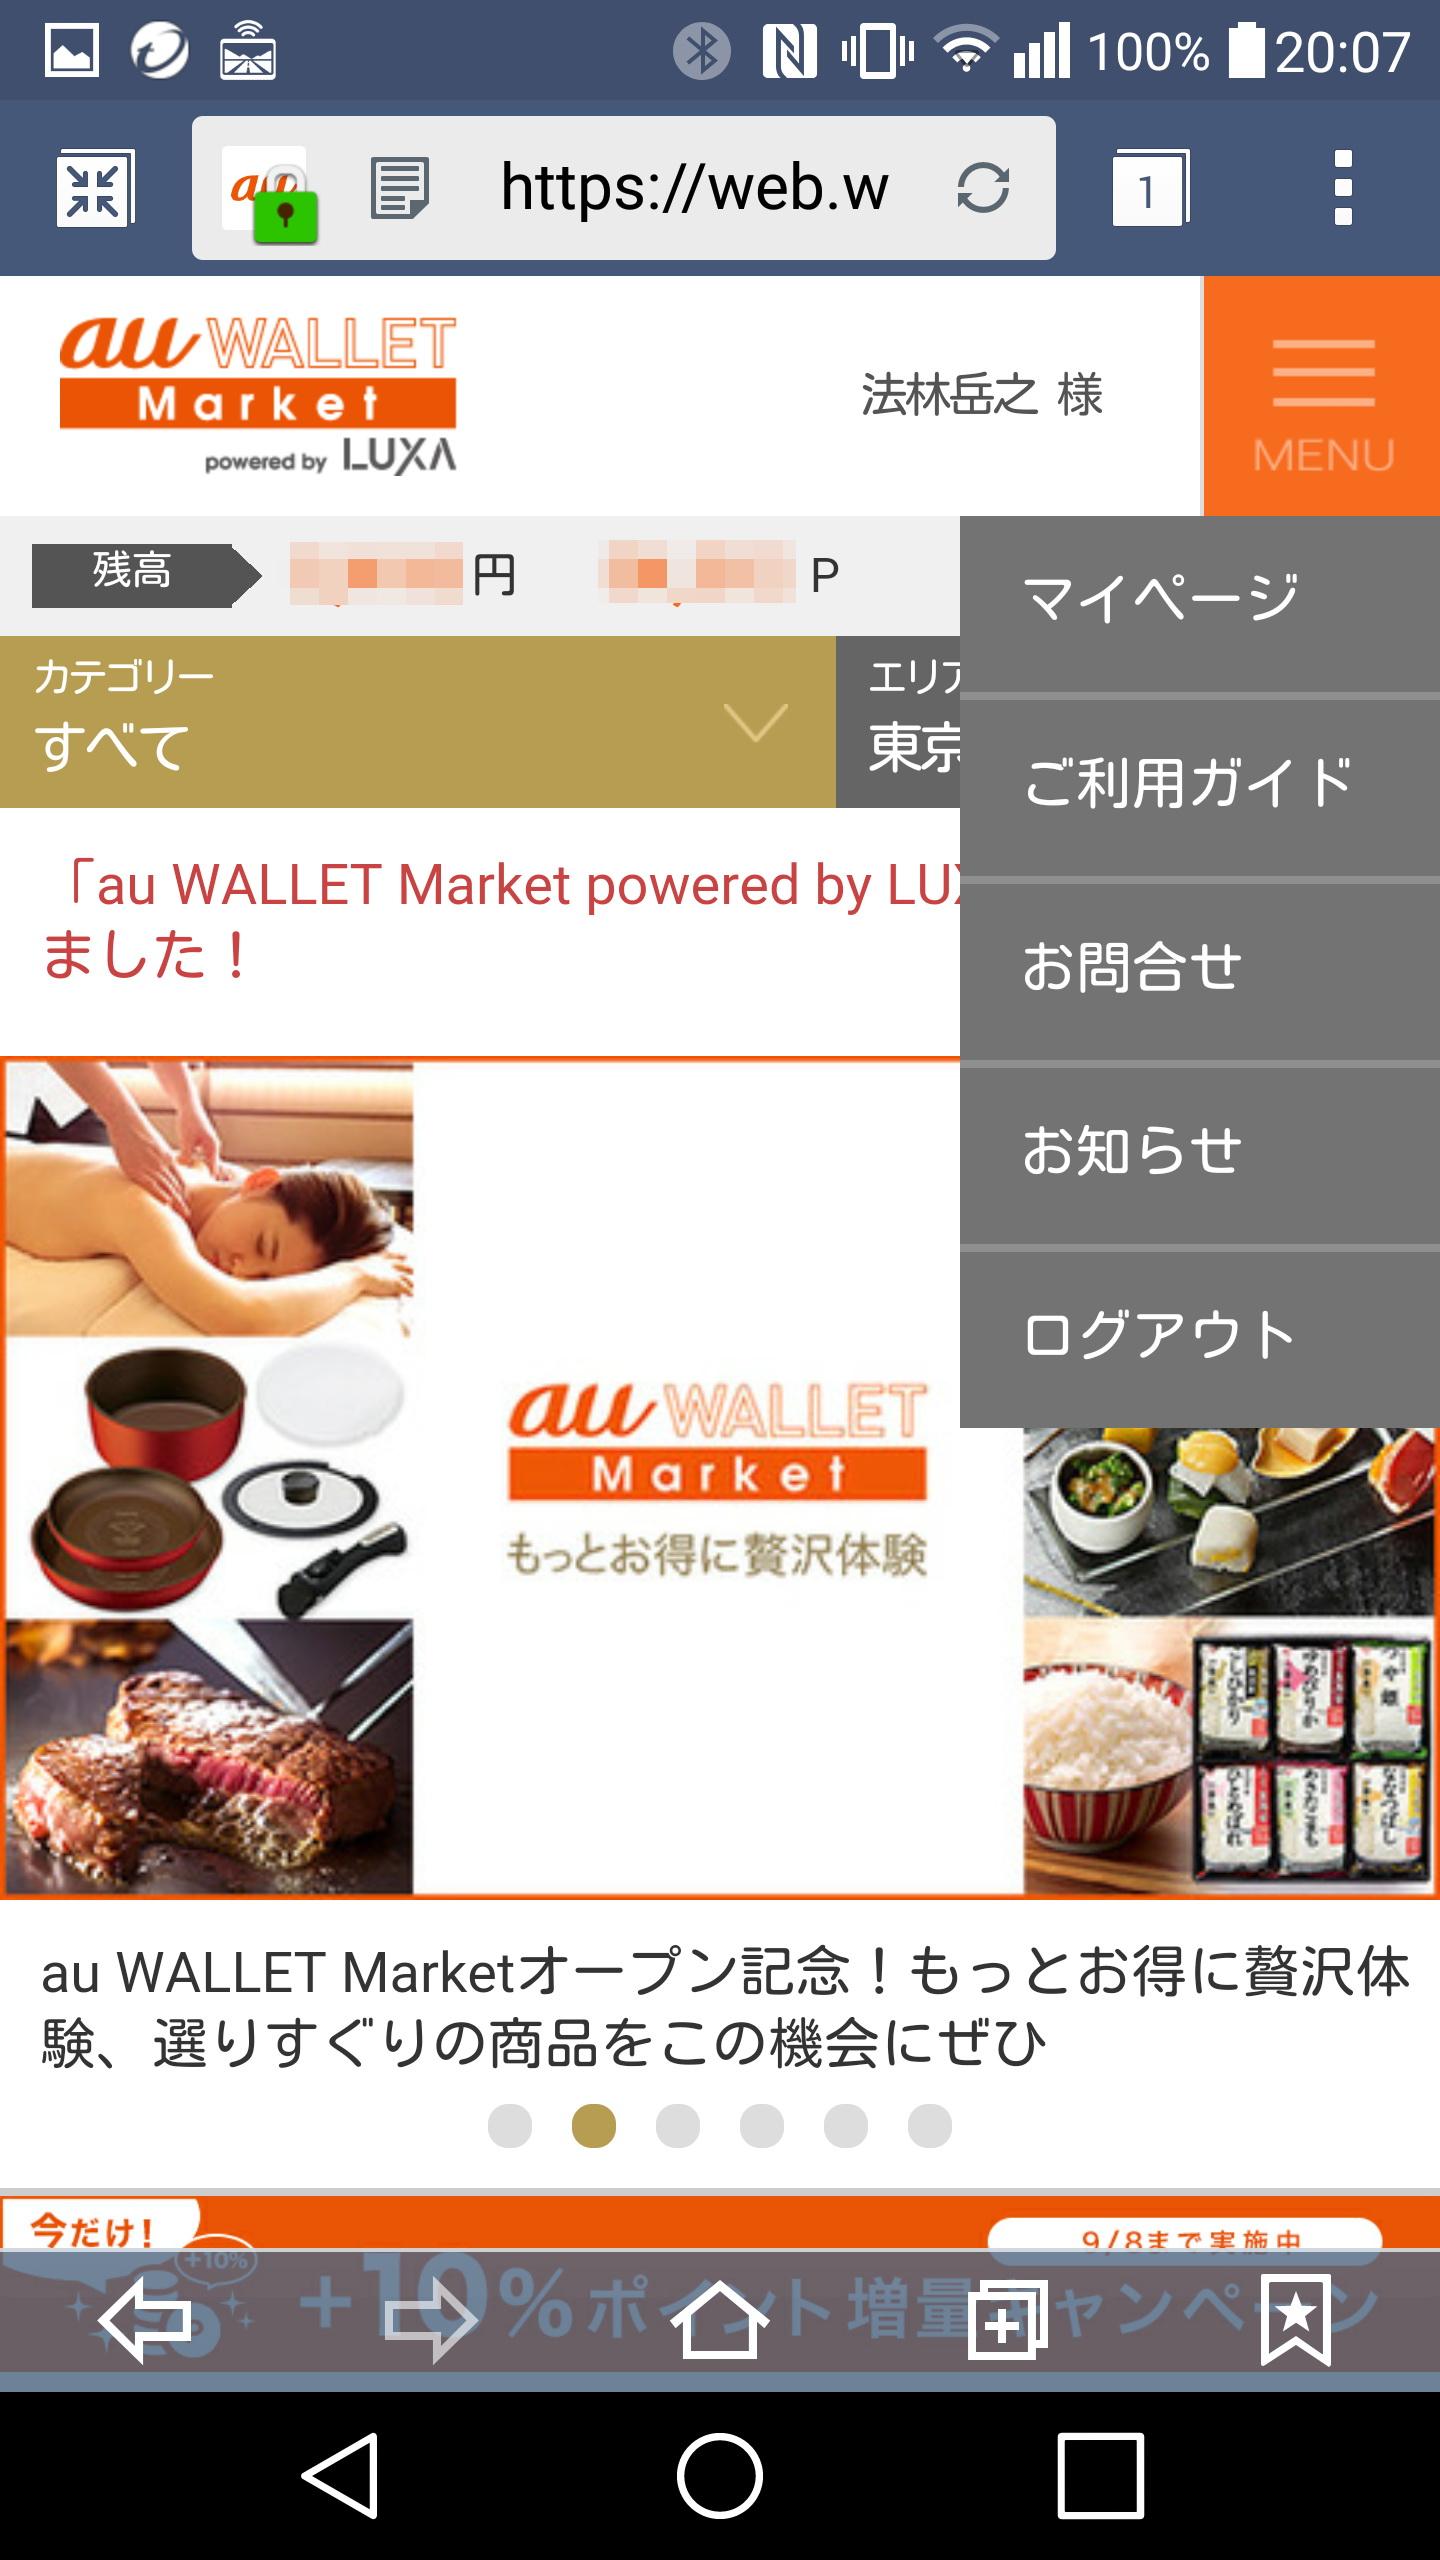 au WALLET Marketオンライン版にアクセスし、右上のMENUボタンをタップして、マイページを表示する